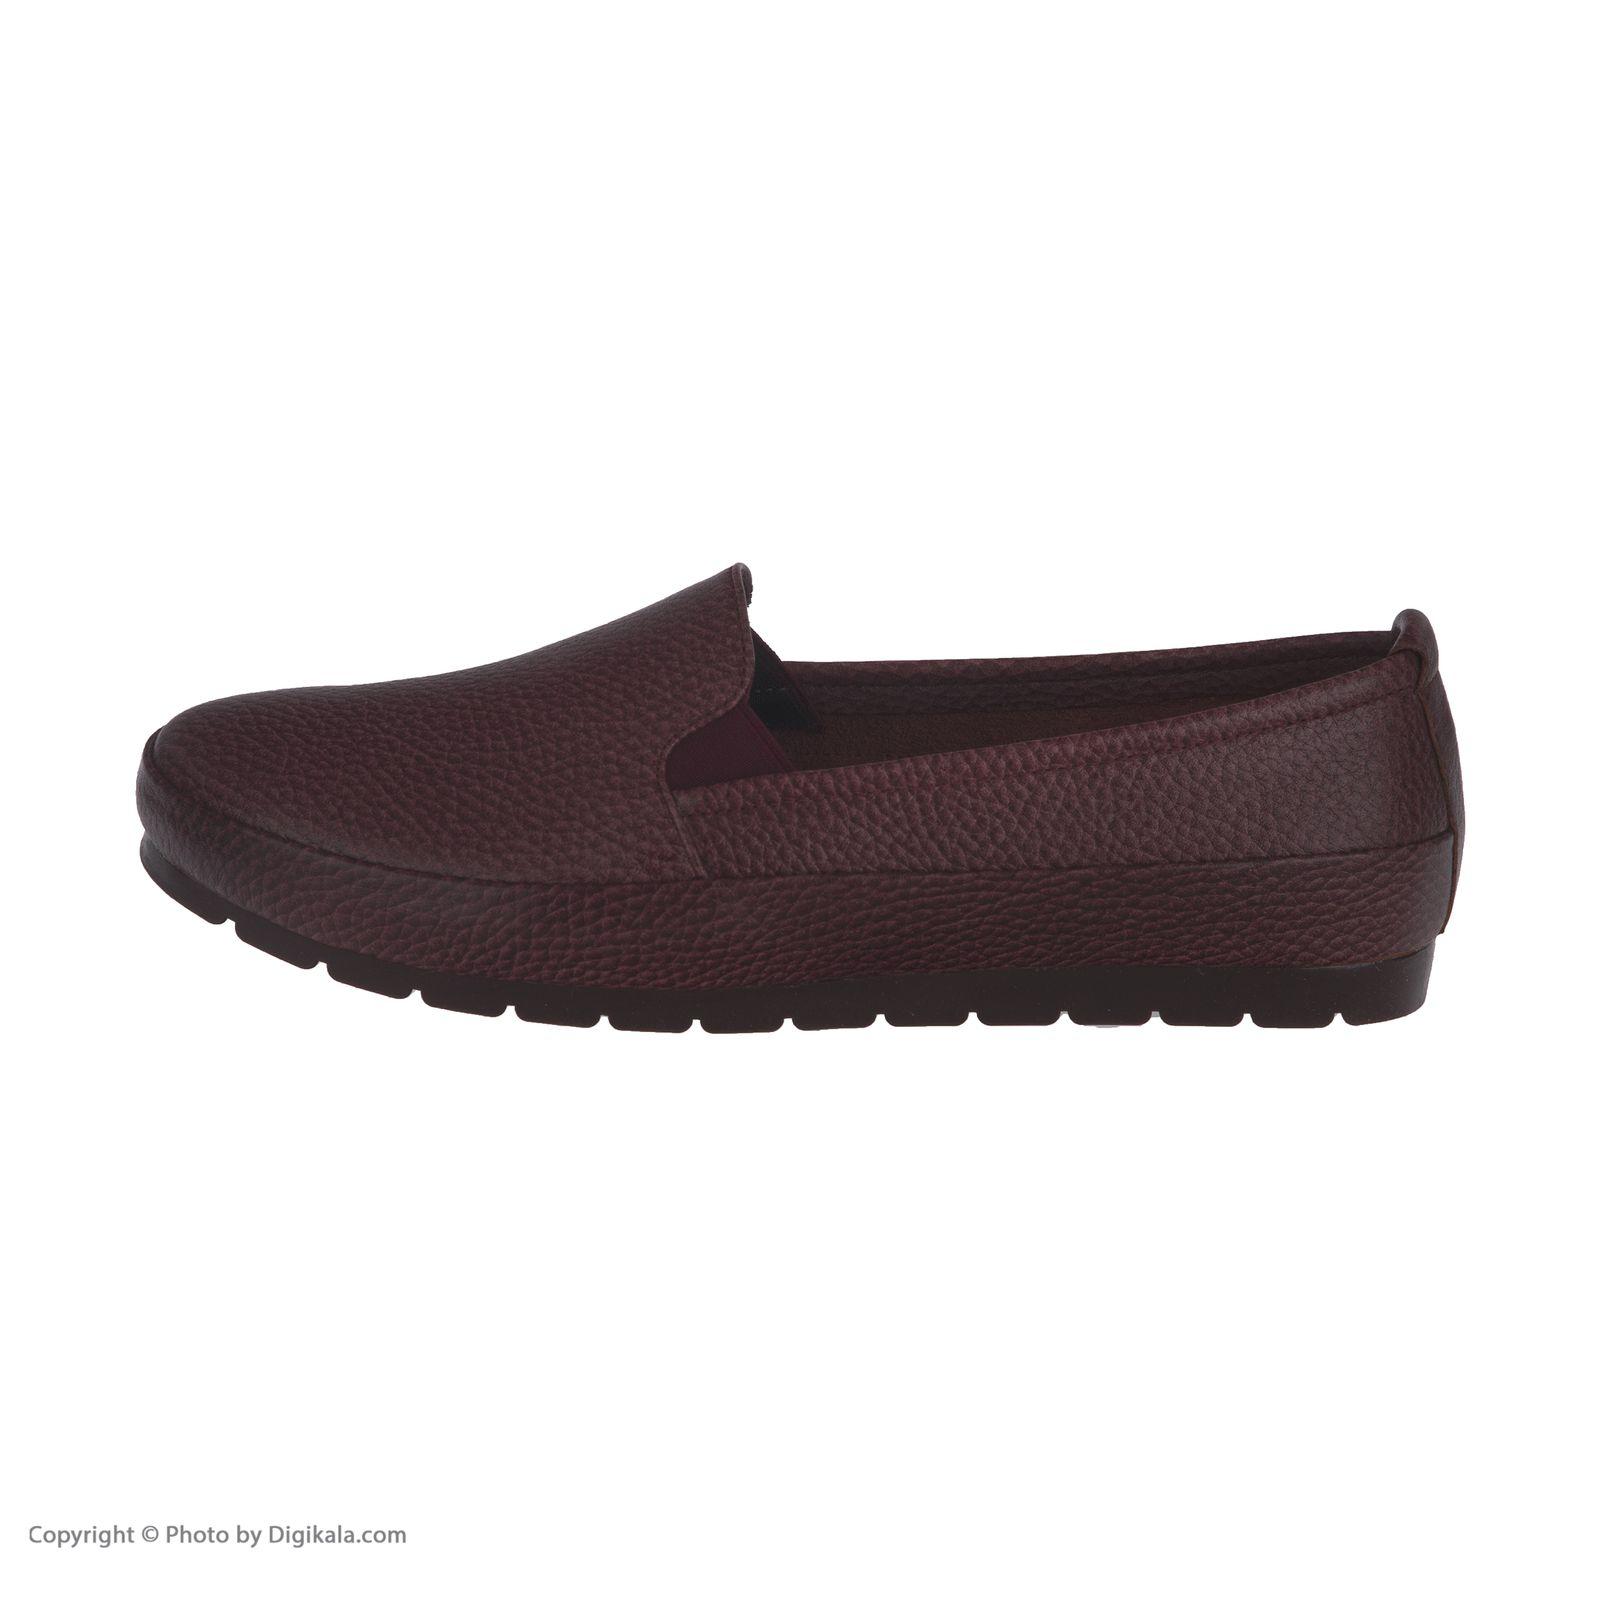 کفش روزمره زنانه بلوط مدل 5313A500115 -  - 3